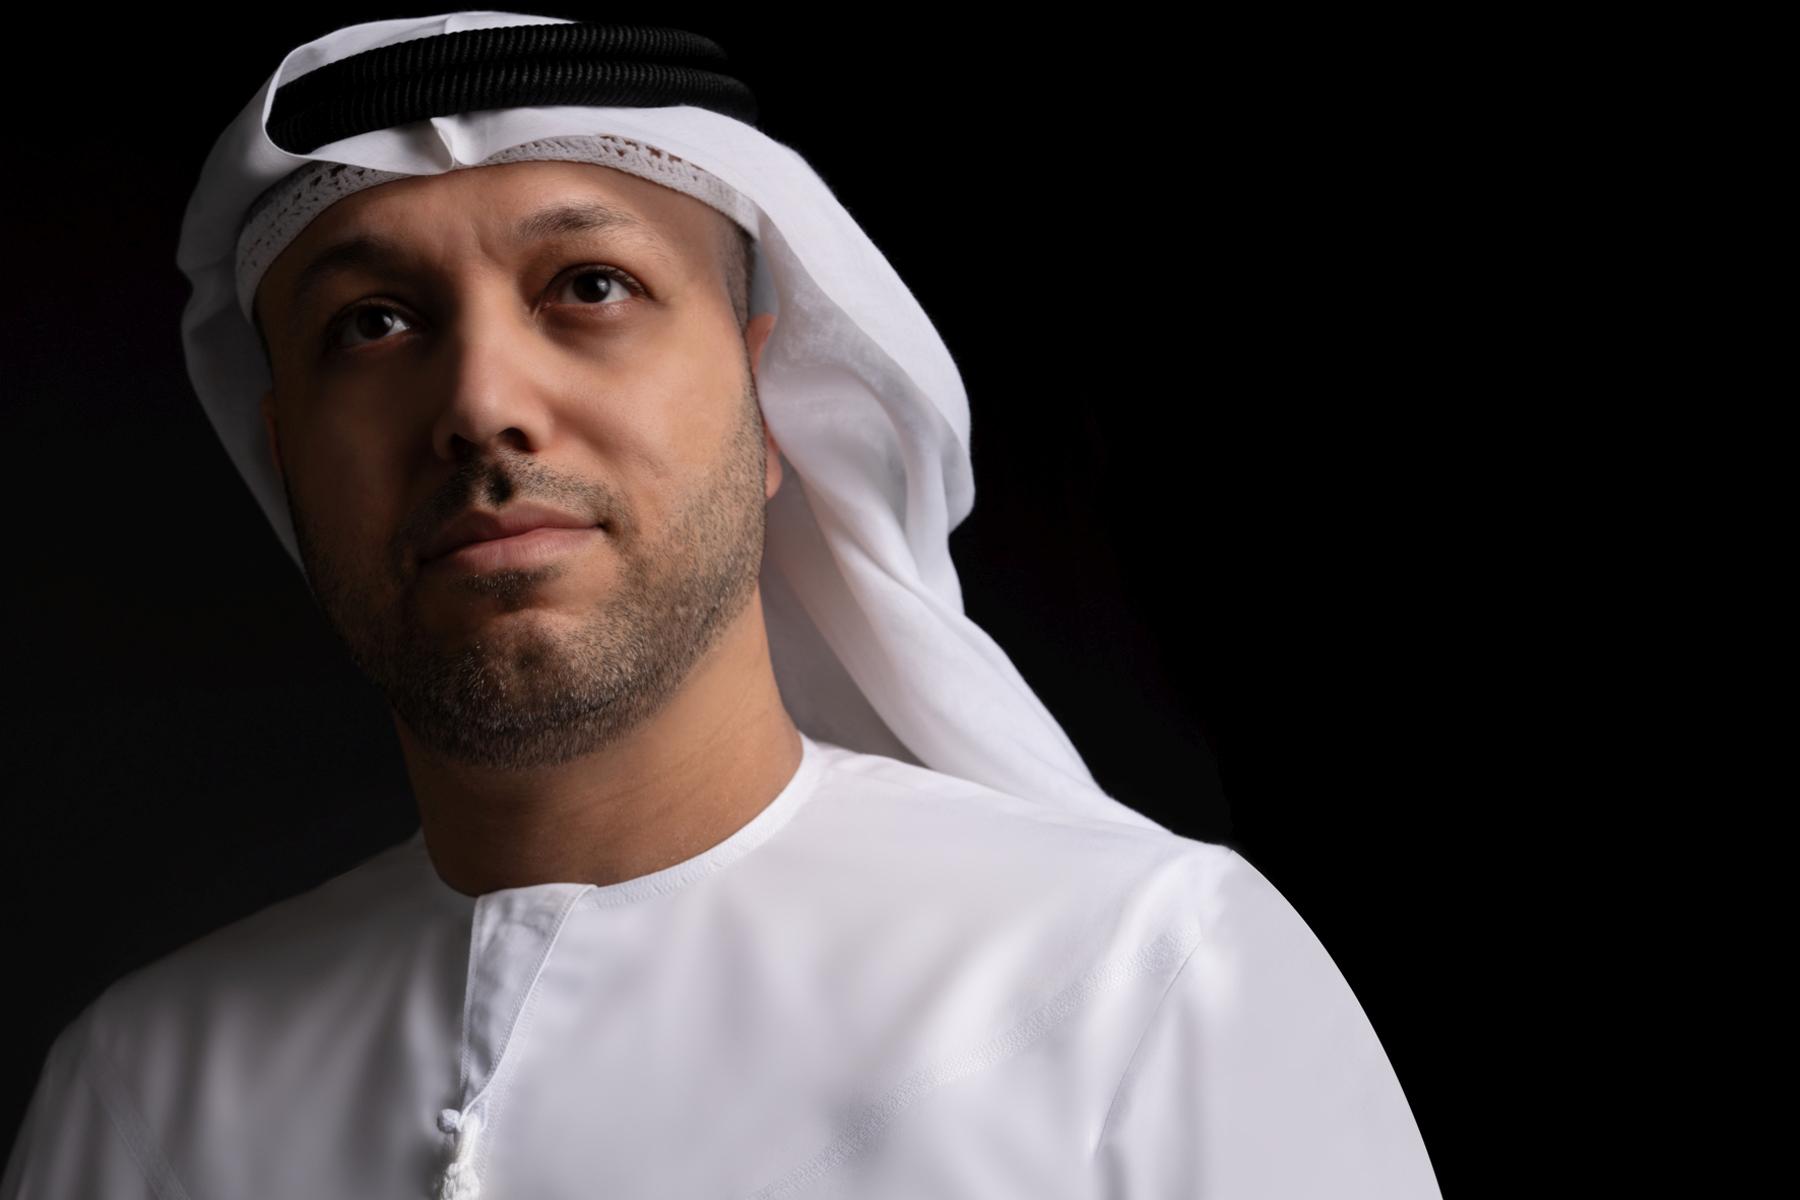 المؤلف الموسيقي الإماراتي إيهاب درويش يقدم عرضه العالمي «حكايات» في مهرجان أبوظبي 2021